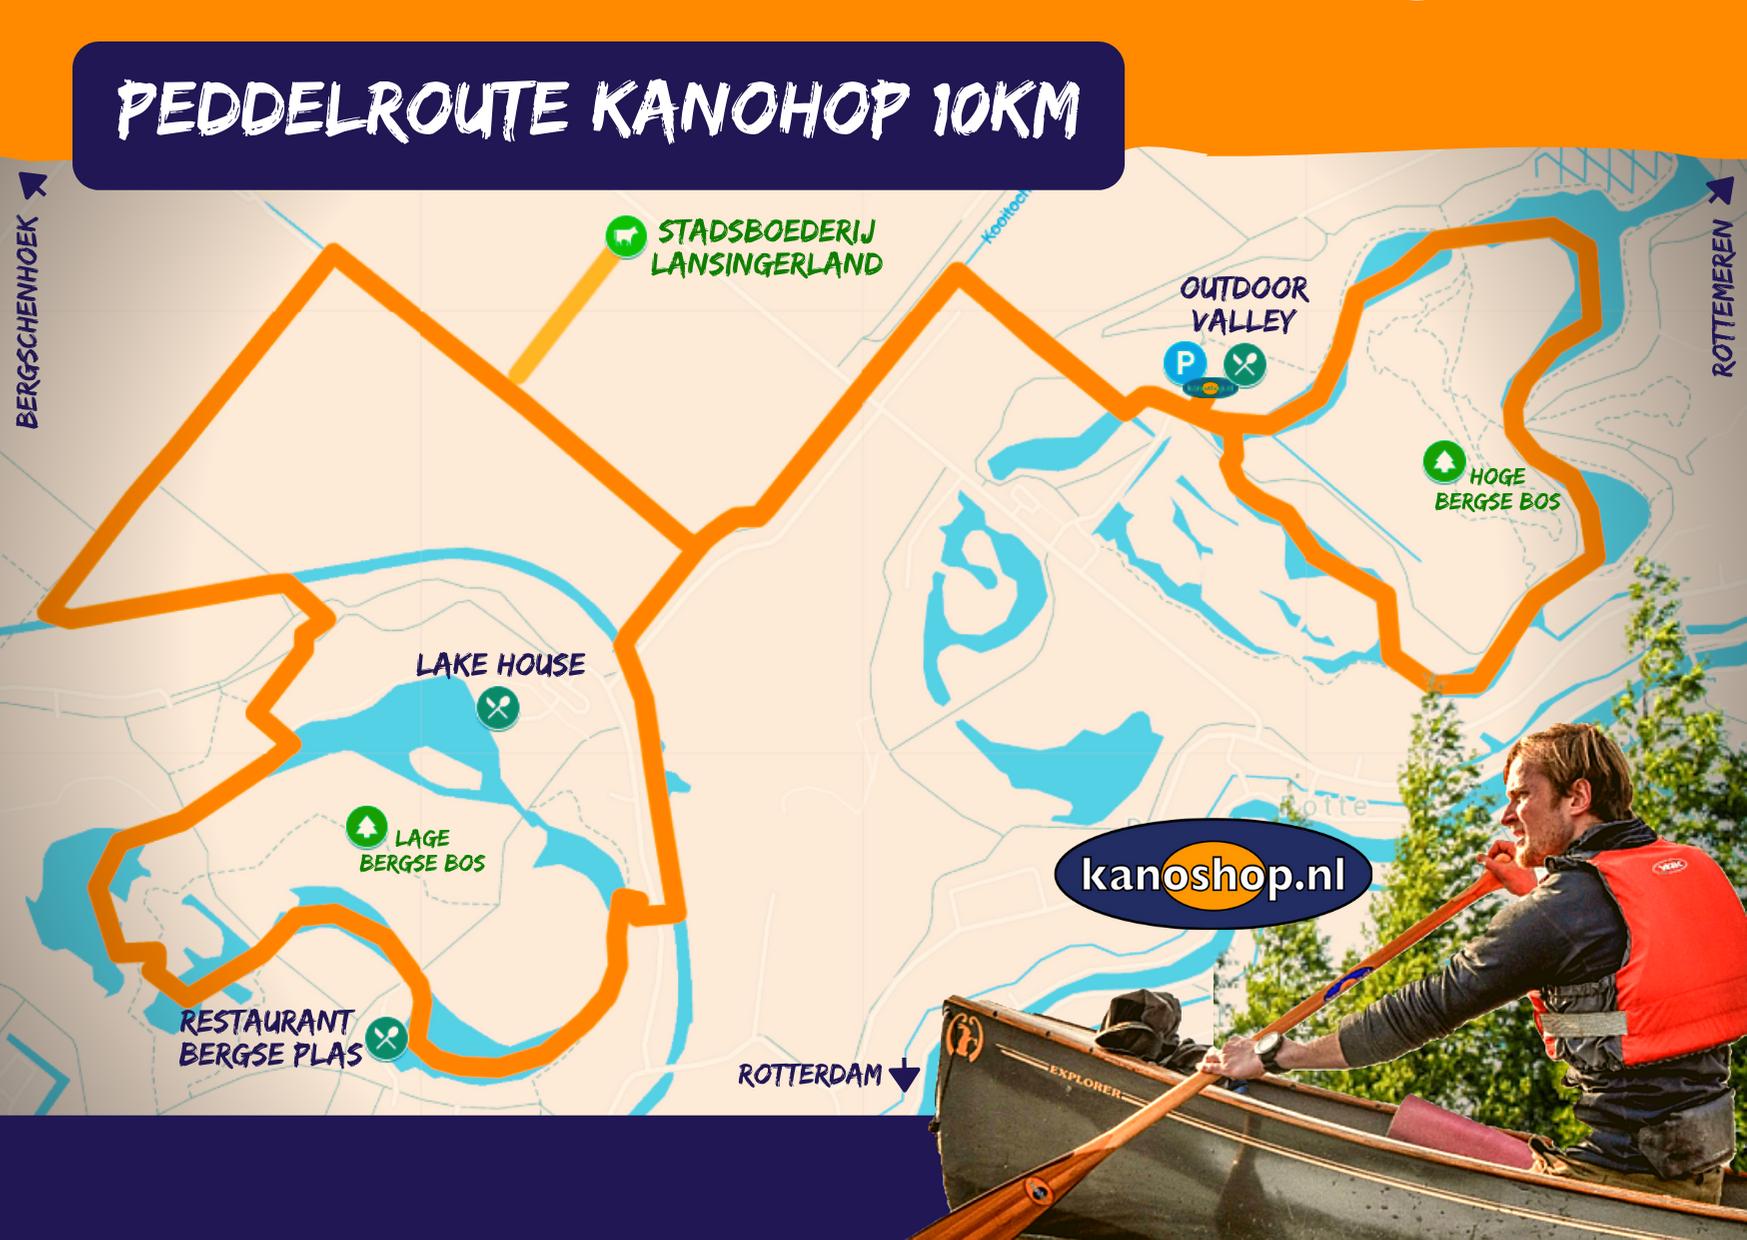 Peddelroute Kanoshop 10km